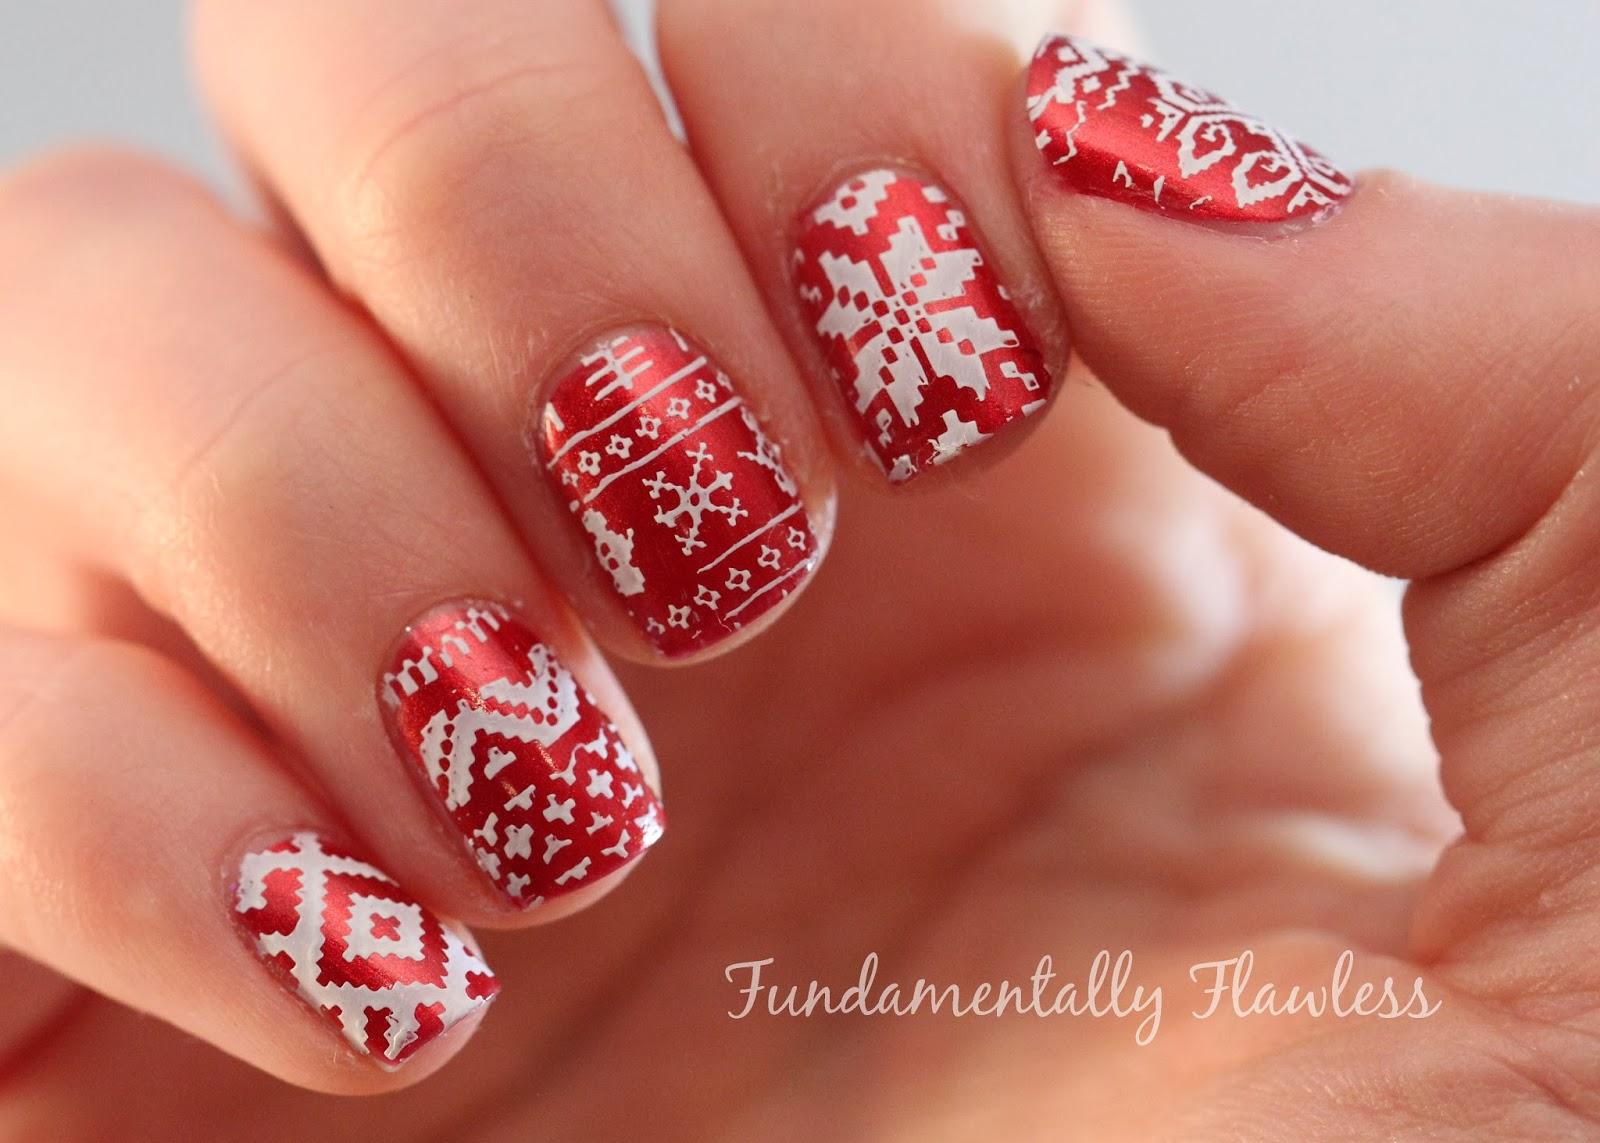 Fundamentally Flawless Christmas Nail Art Christmas Jumper Nails